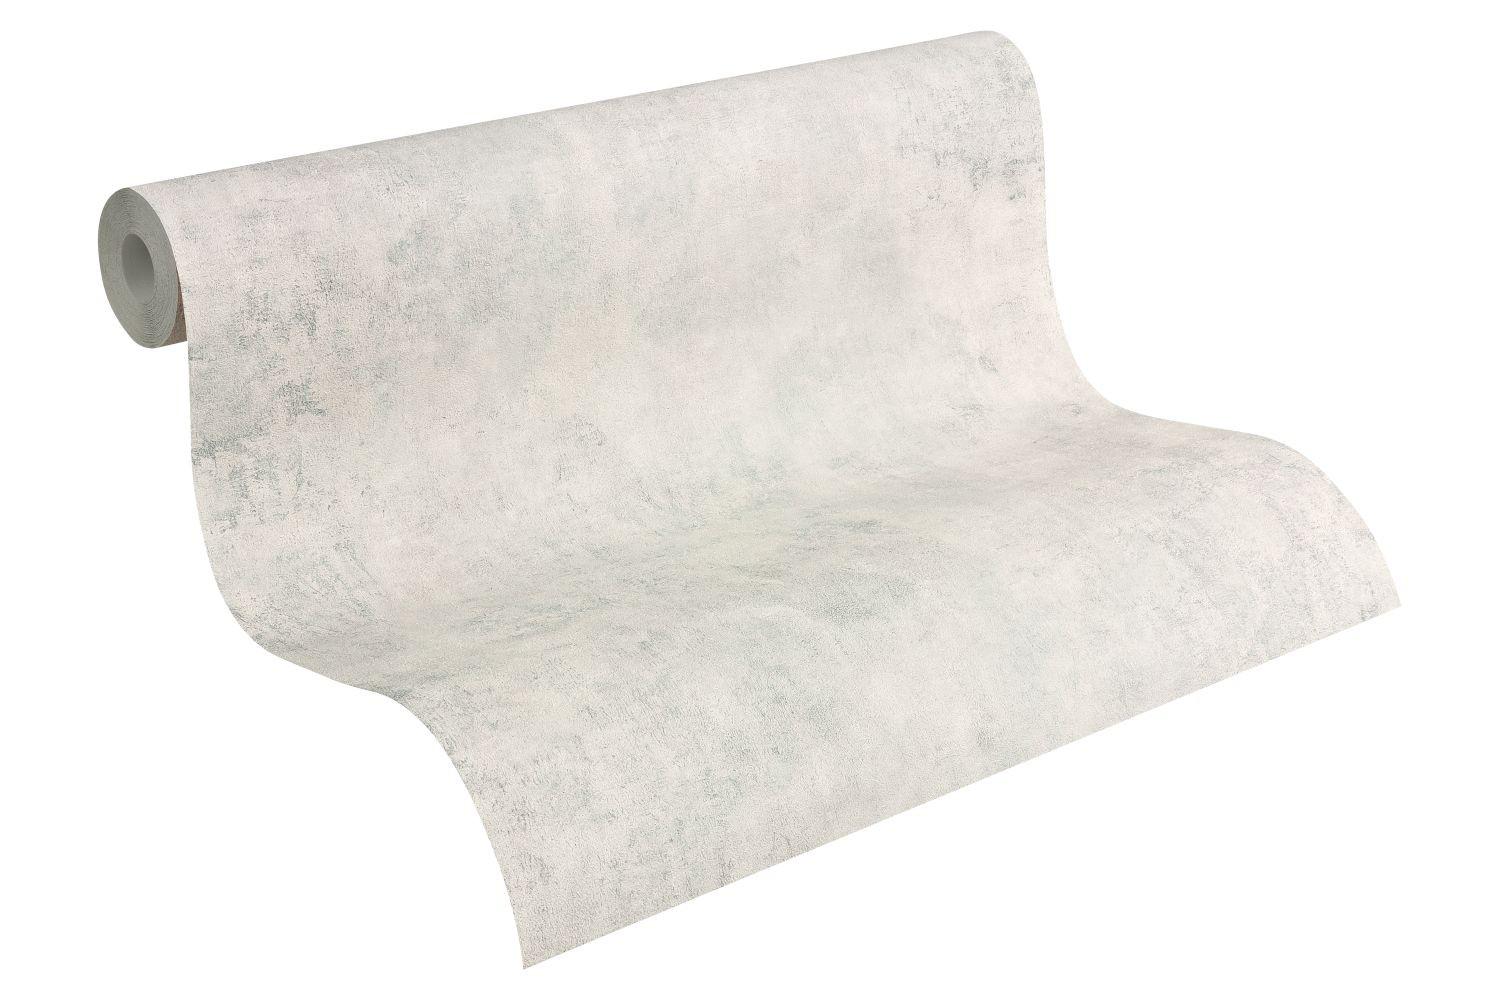 Schöner Wohnen Tapete Concrete : non-woven wallpaper cement loft grey ...